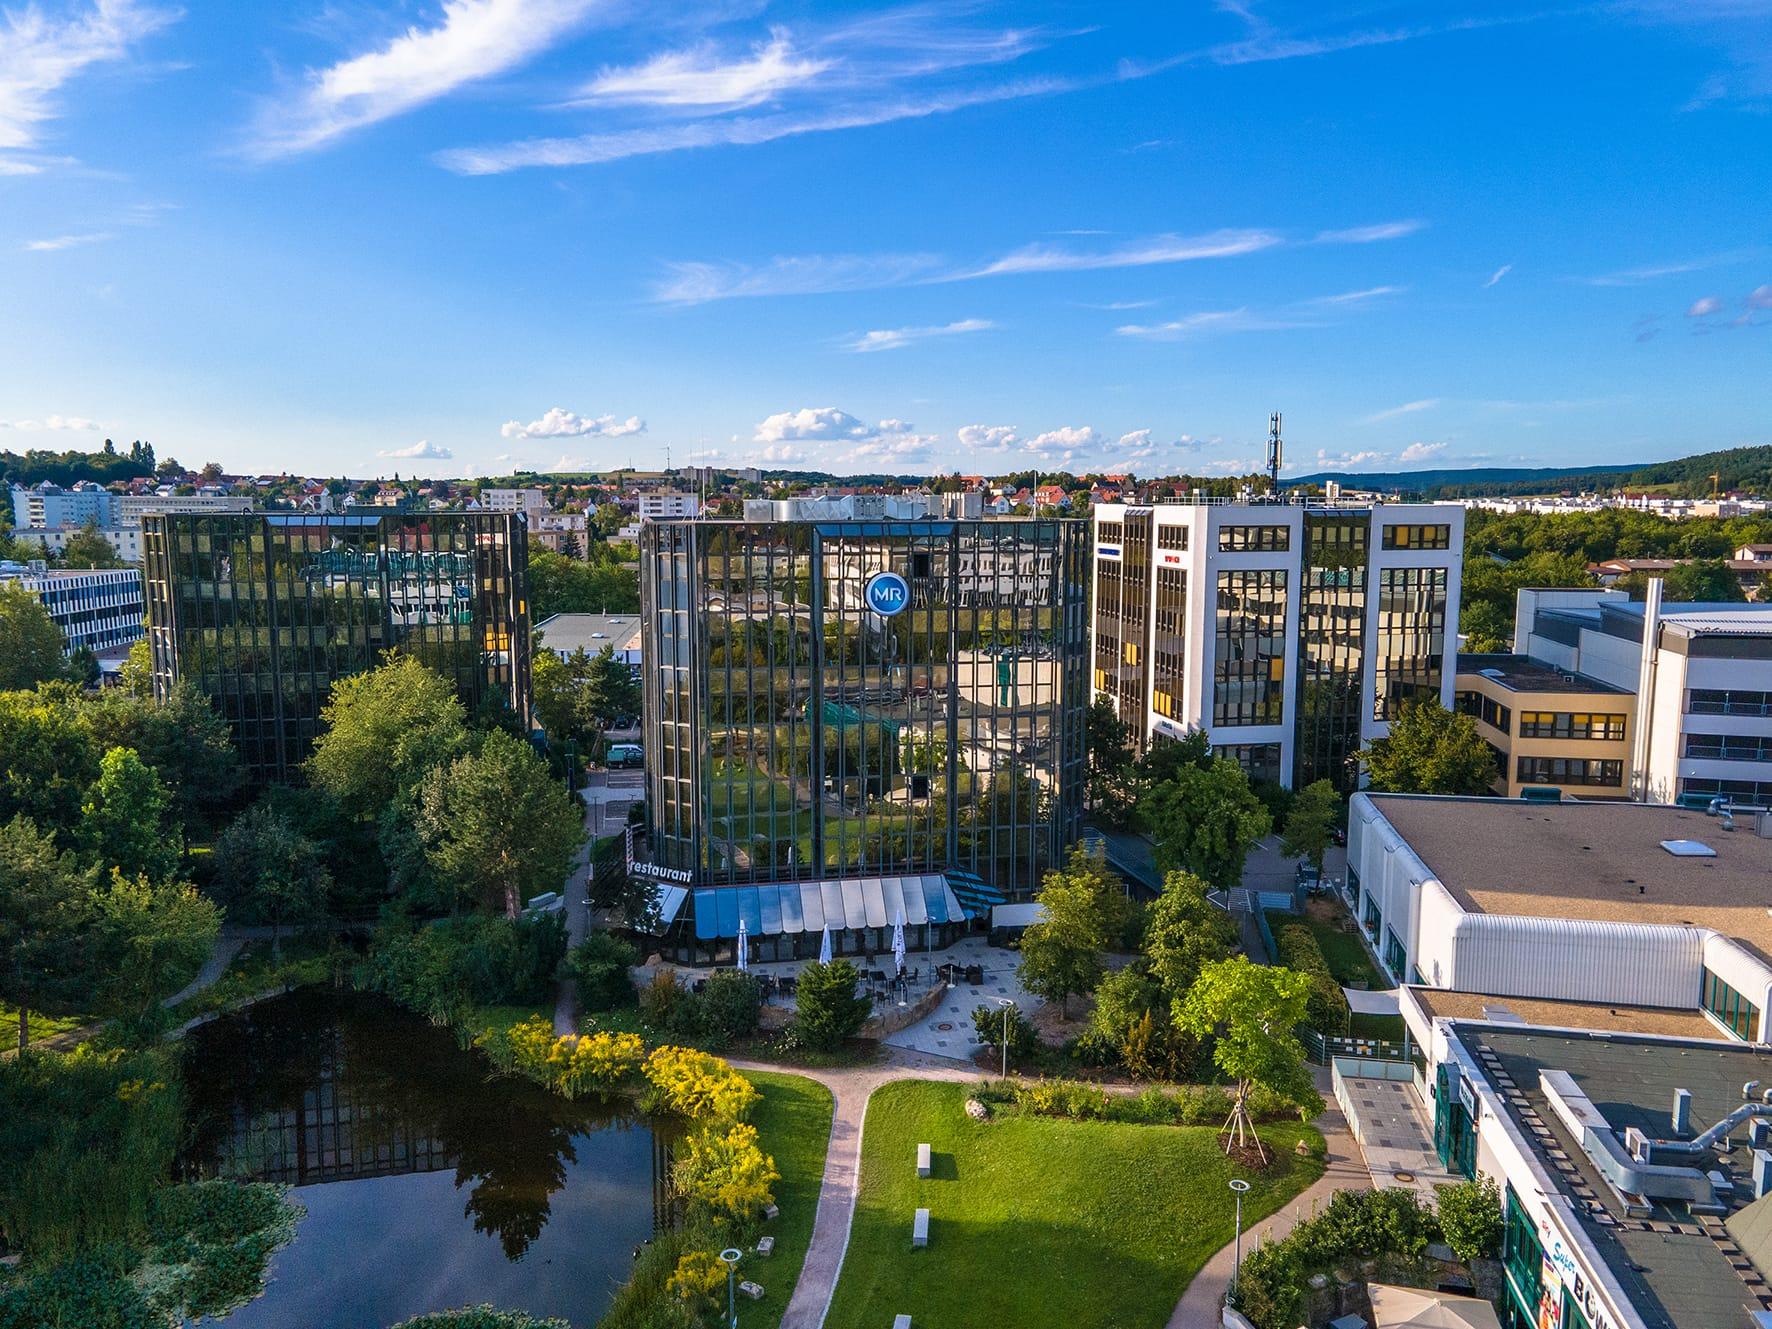 Regensburg: Neues Corona-Bürgertest-Zentrum im Gewerbepark Beschäftigte und Besucher können ab 3. Mai den kostenlosen Bürgertest durchführen